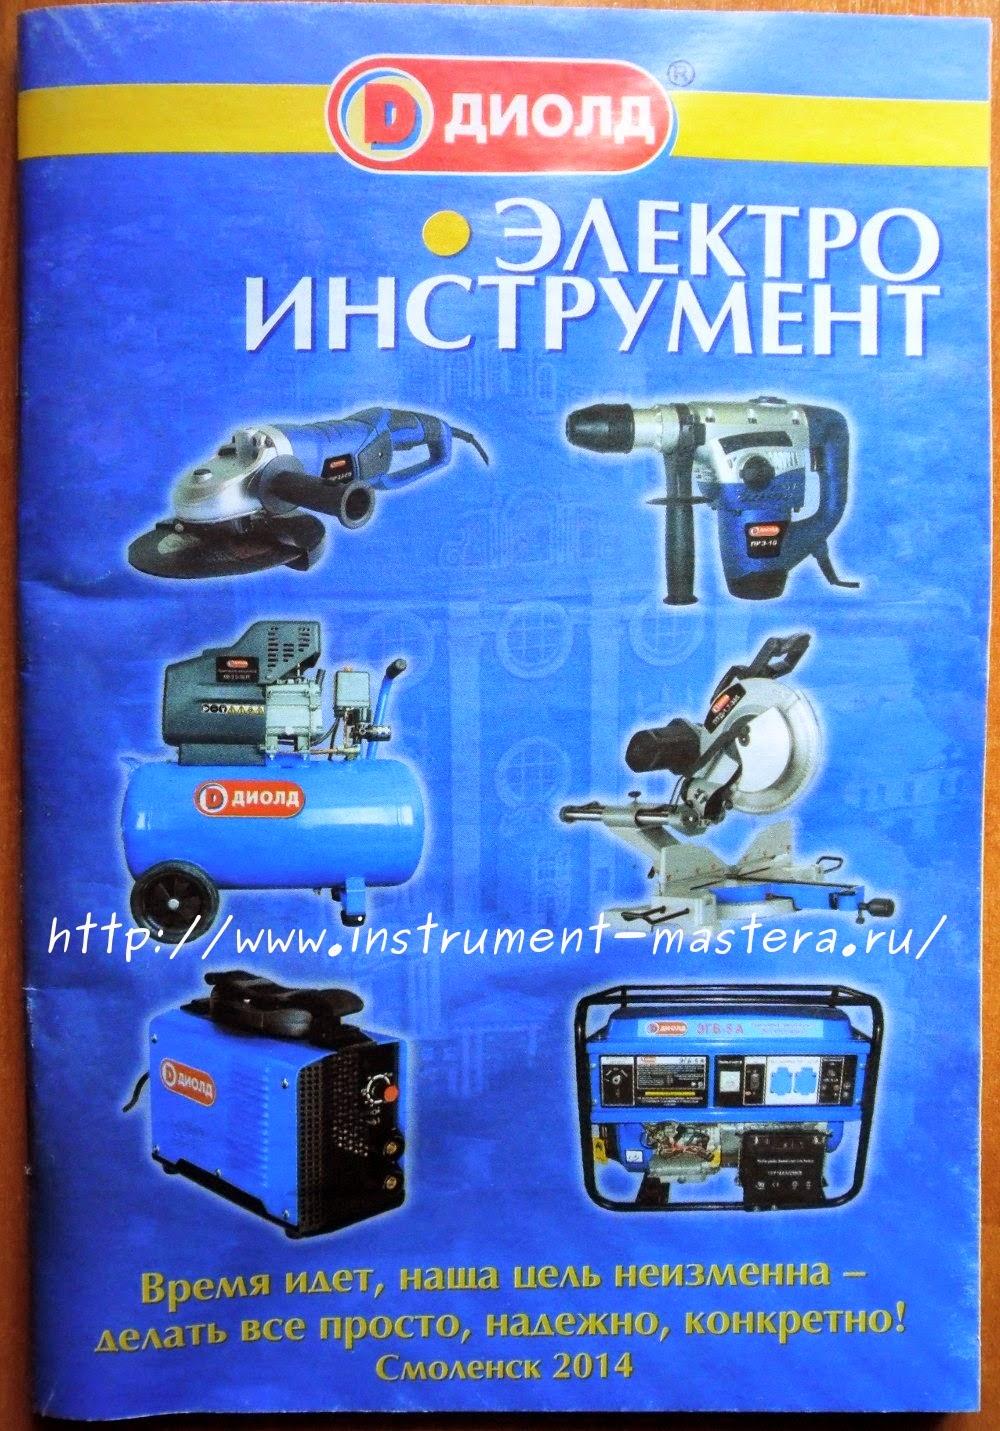 Рекламный проспект производителя инструментов ДИОЛД